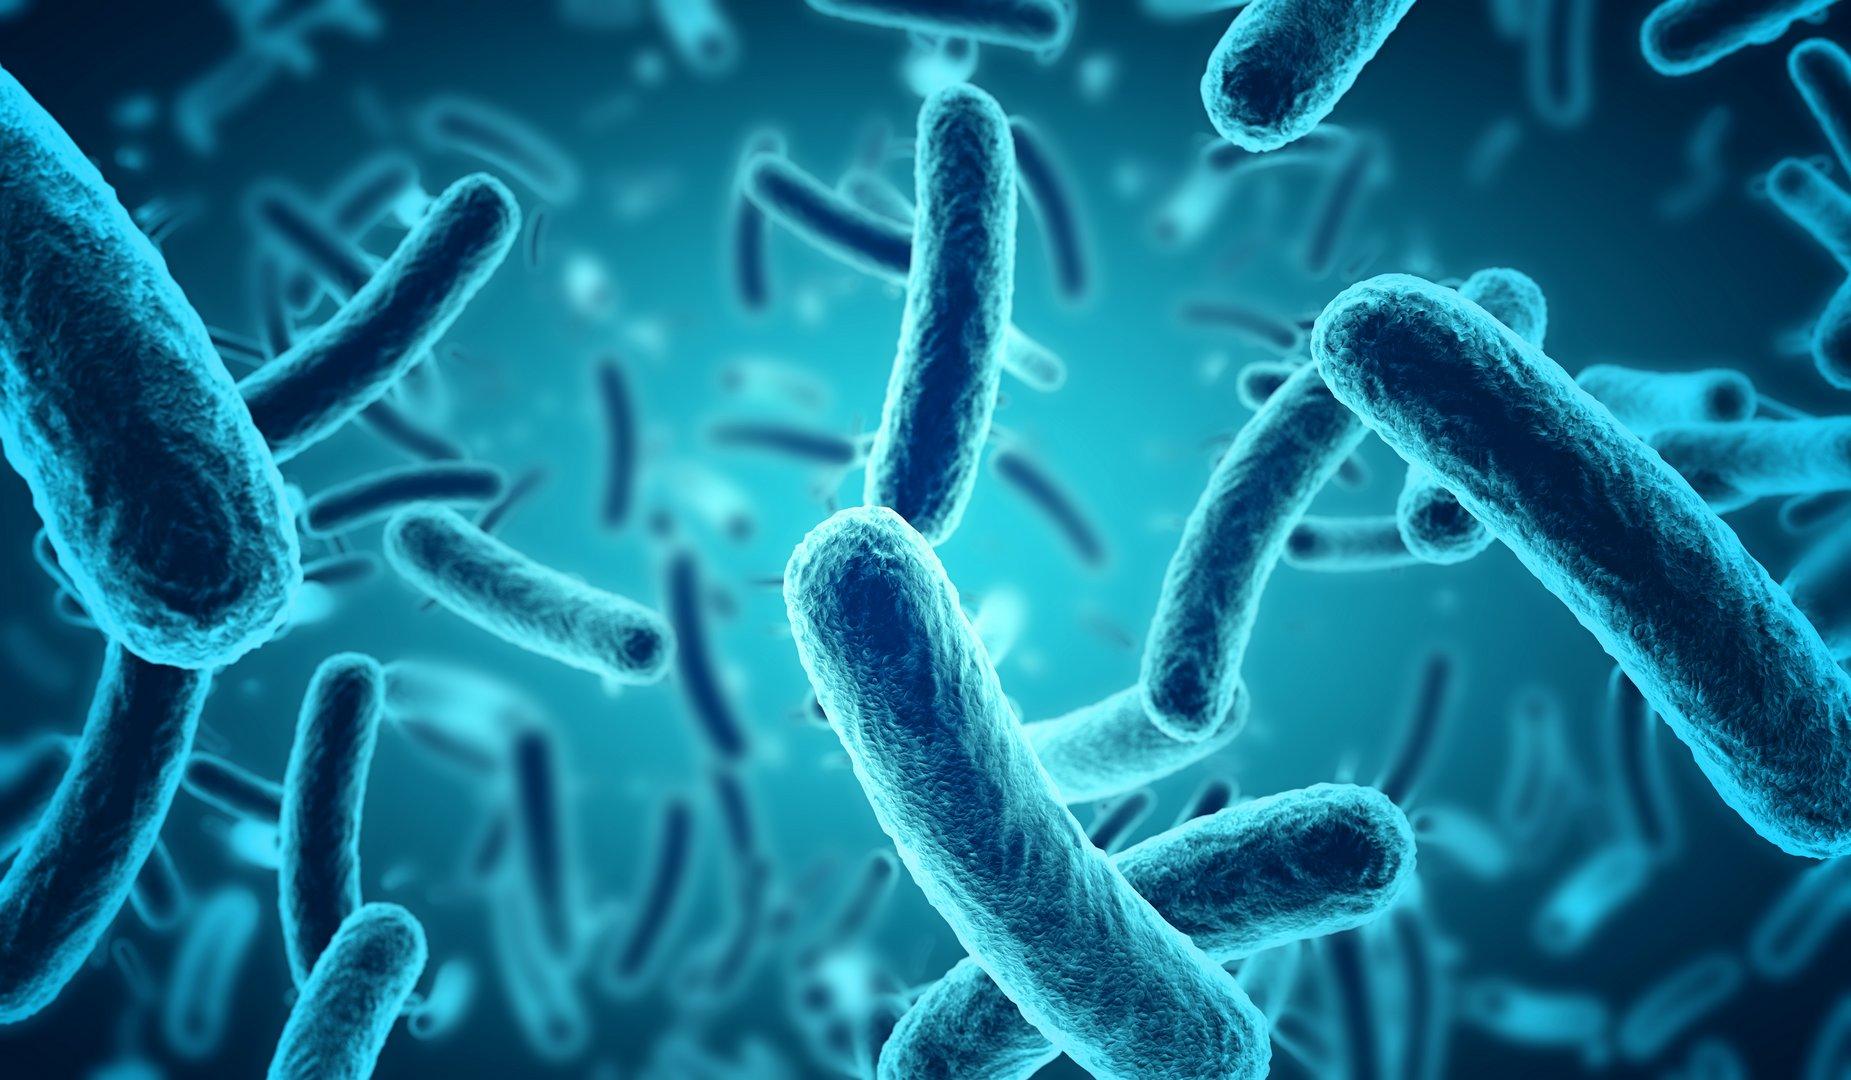 دراسة : الميكروبات قد تلعب دورا في بداية الأزمة القلبية